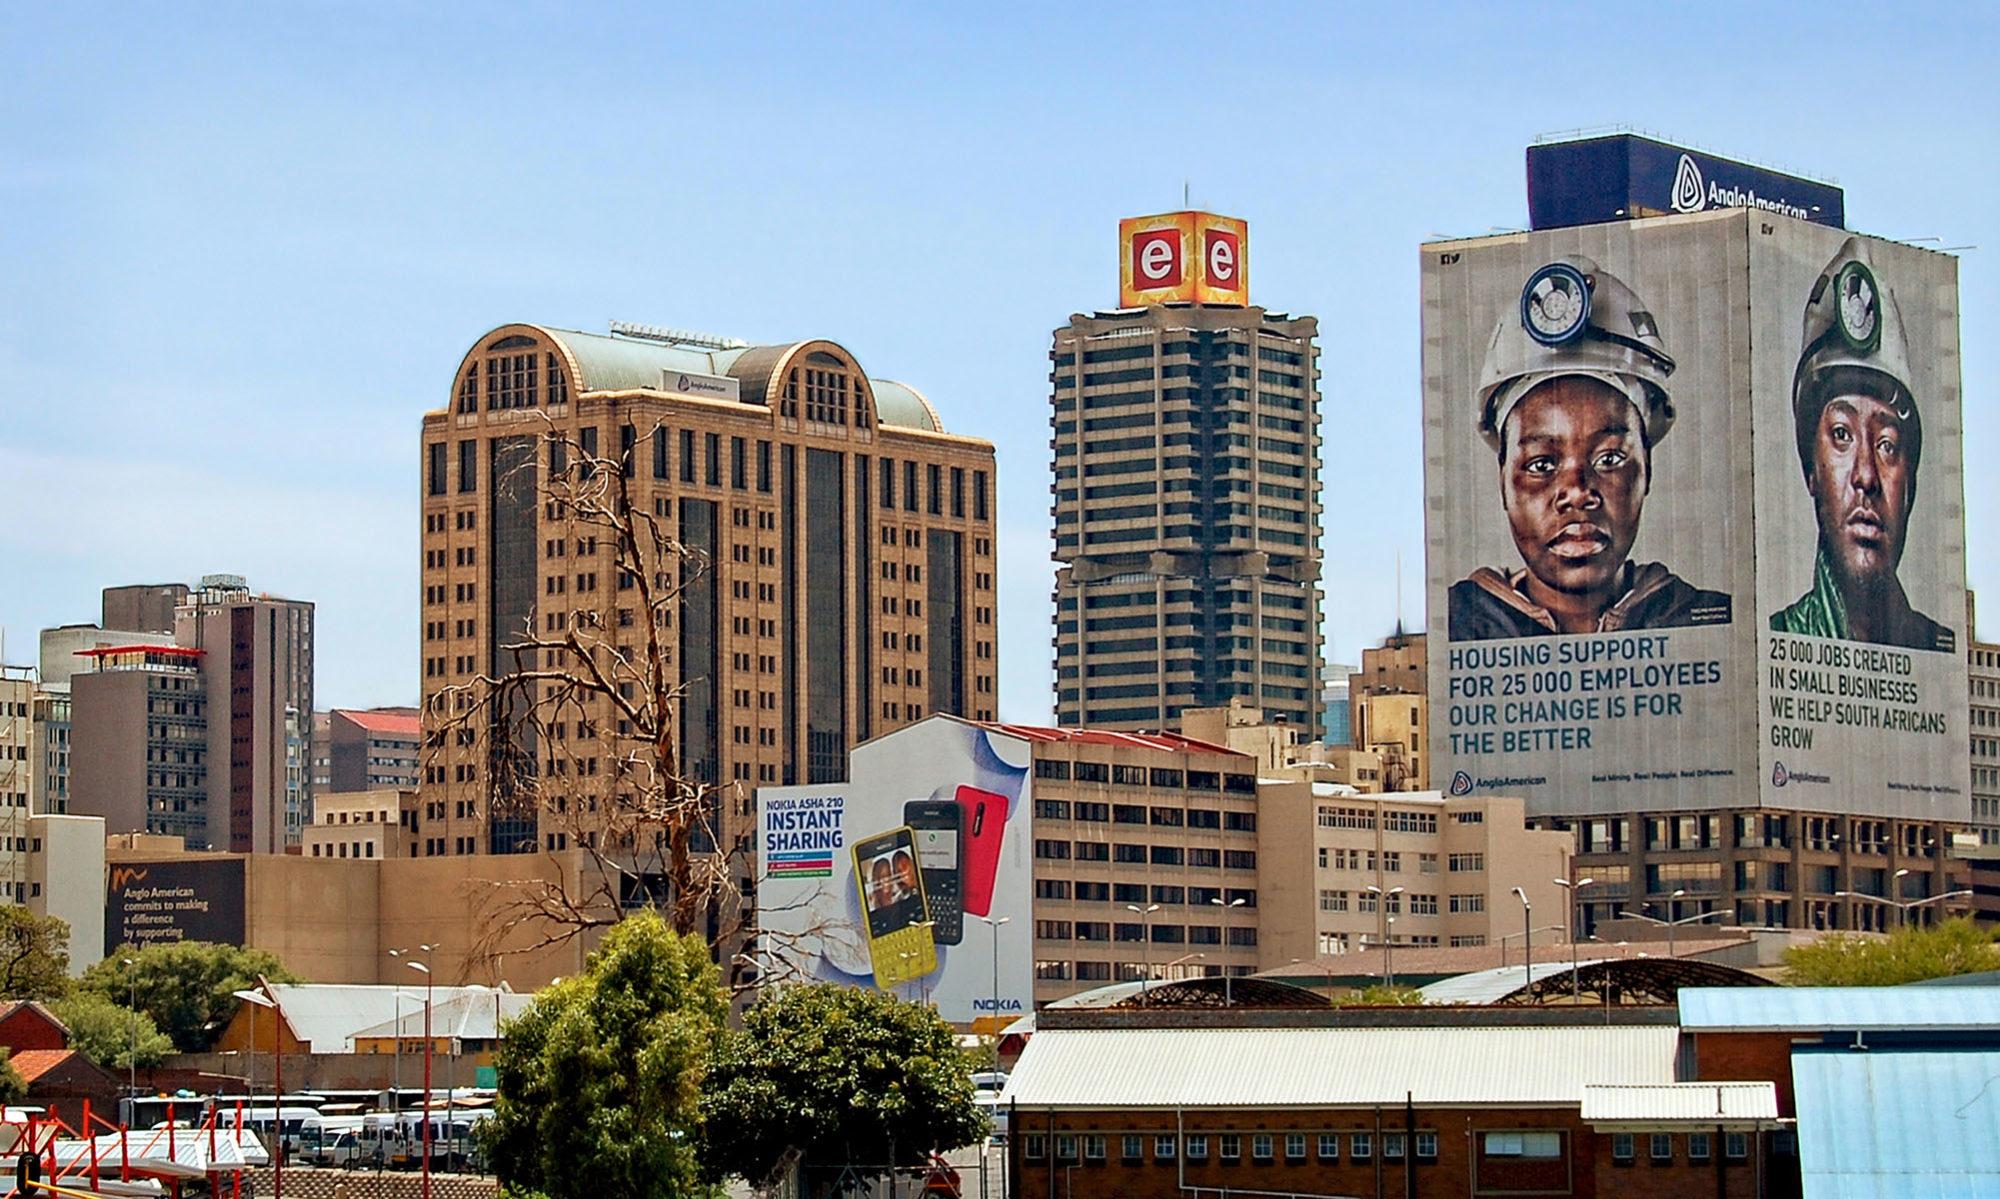 Dear South Africa